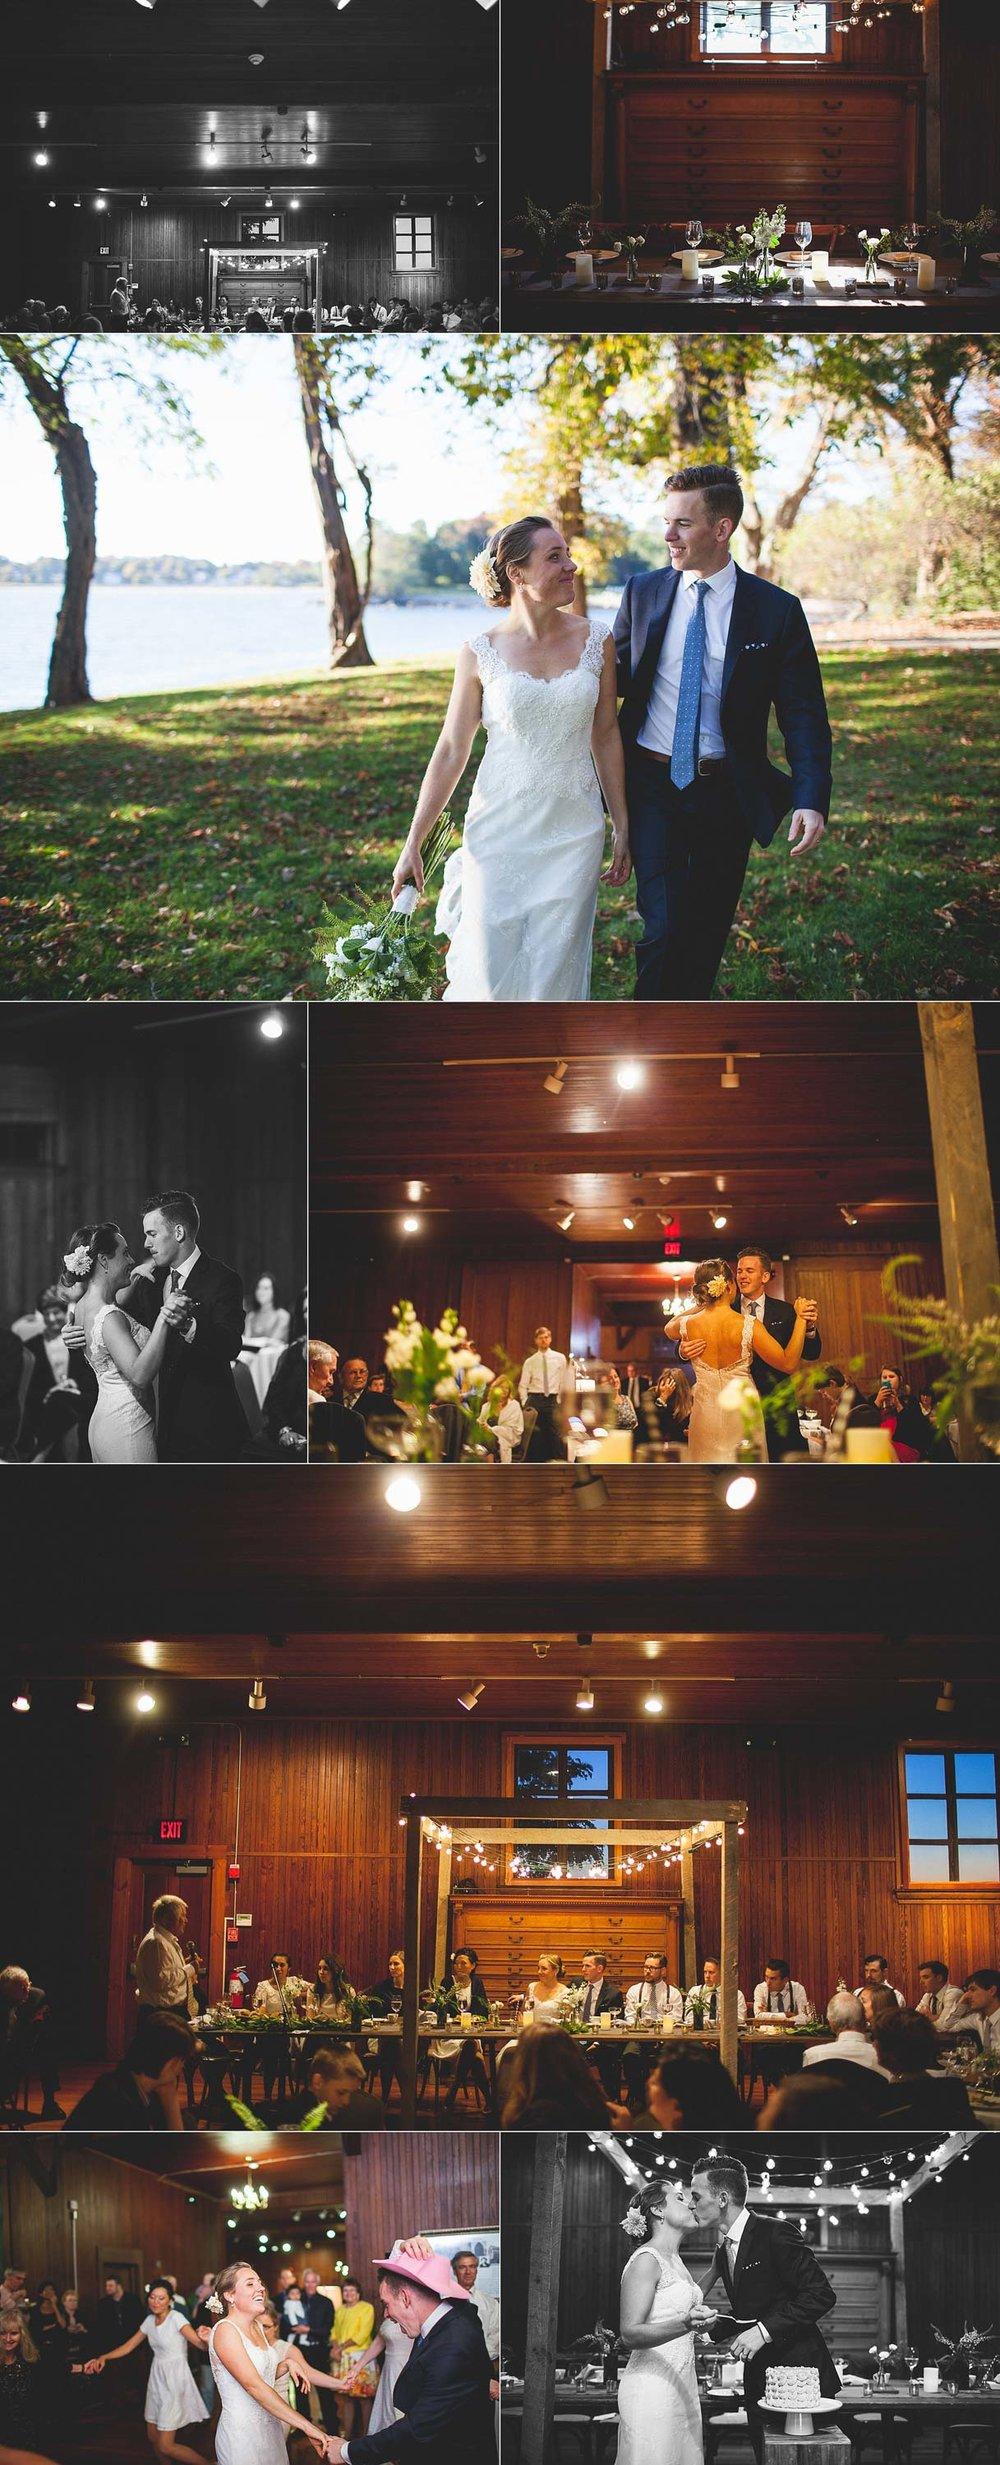 Lynch Park Wedding_0002.jpg